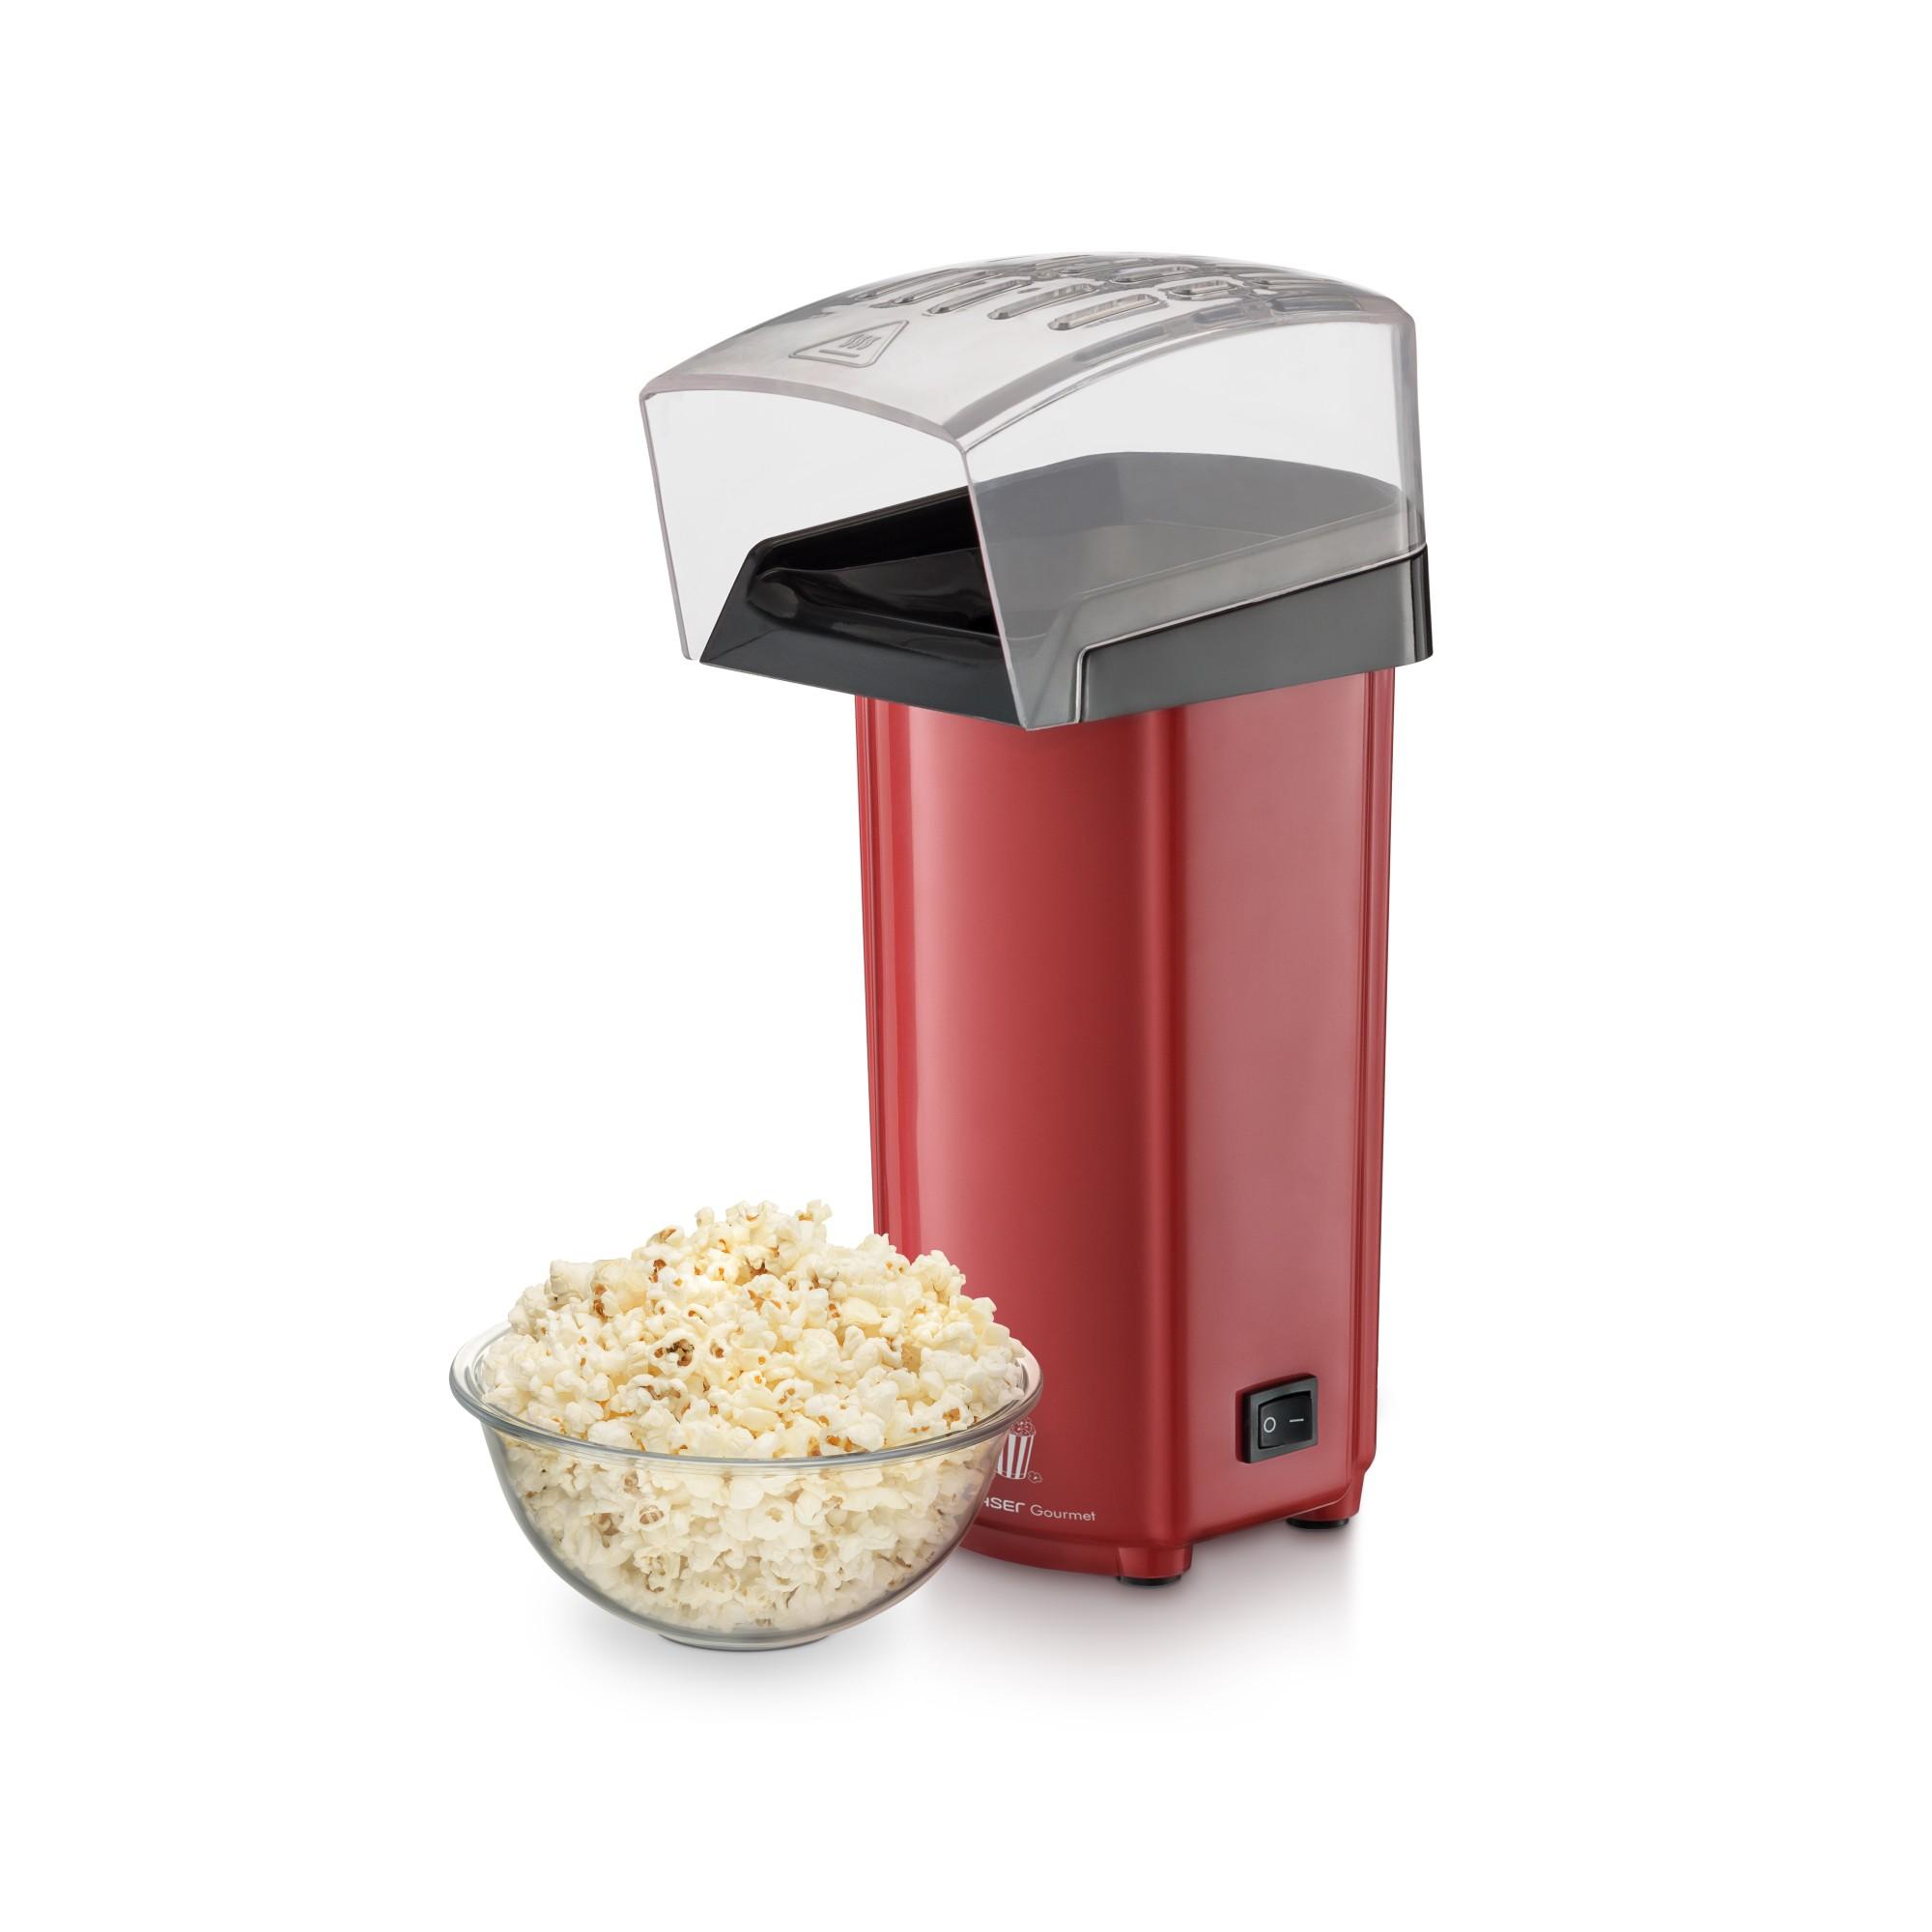 Pipoqueira Eletrica Multilaser Gourmet Vermelha - 127V - CE042